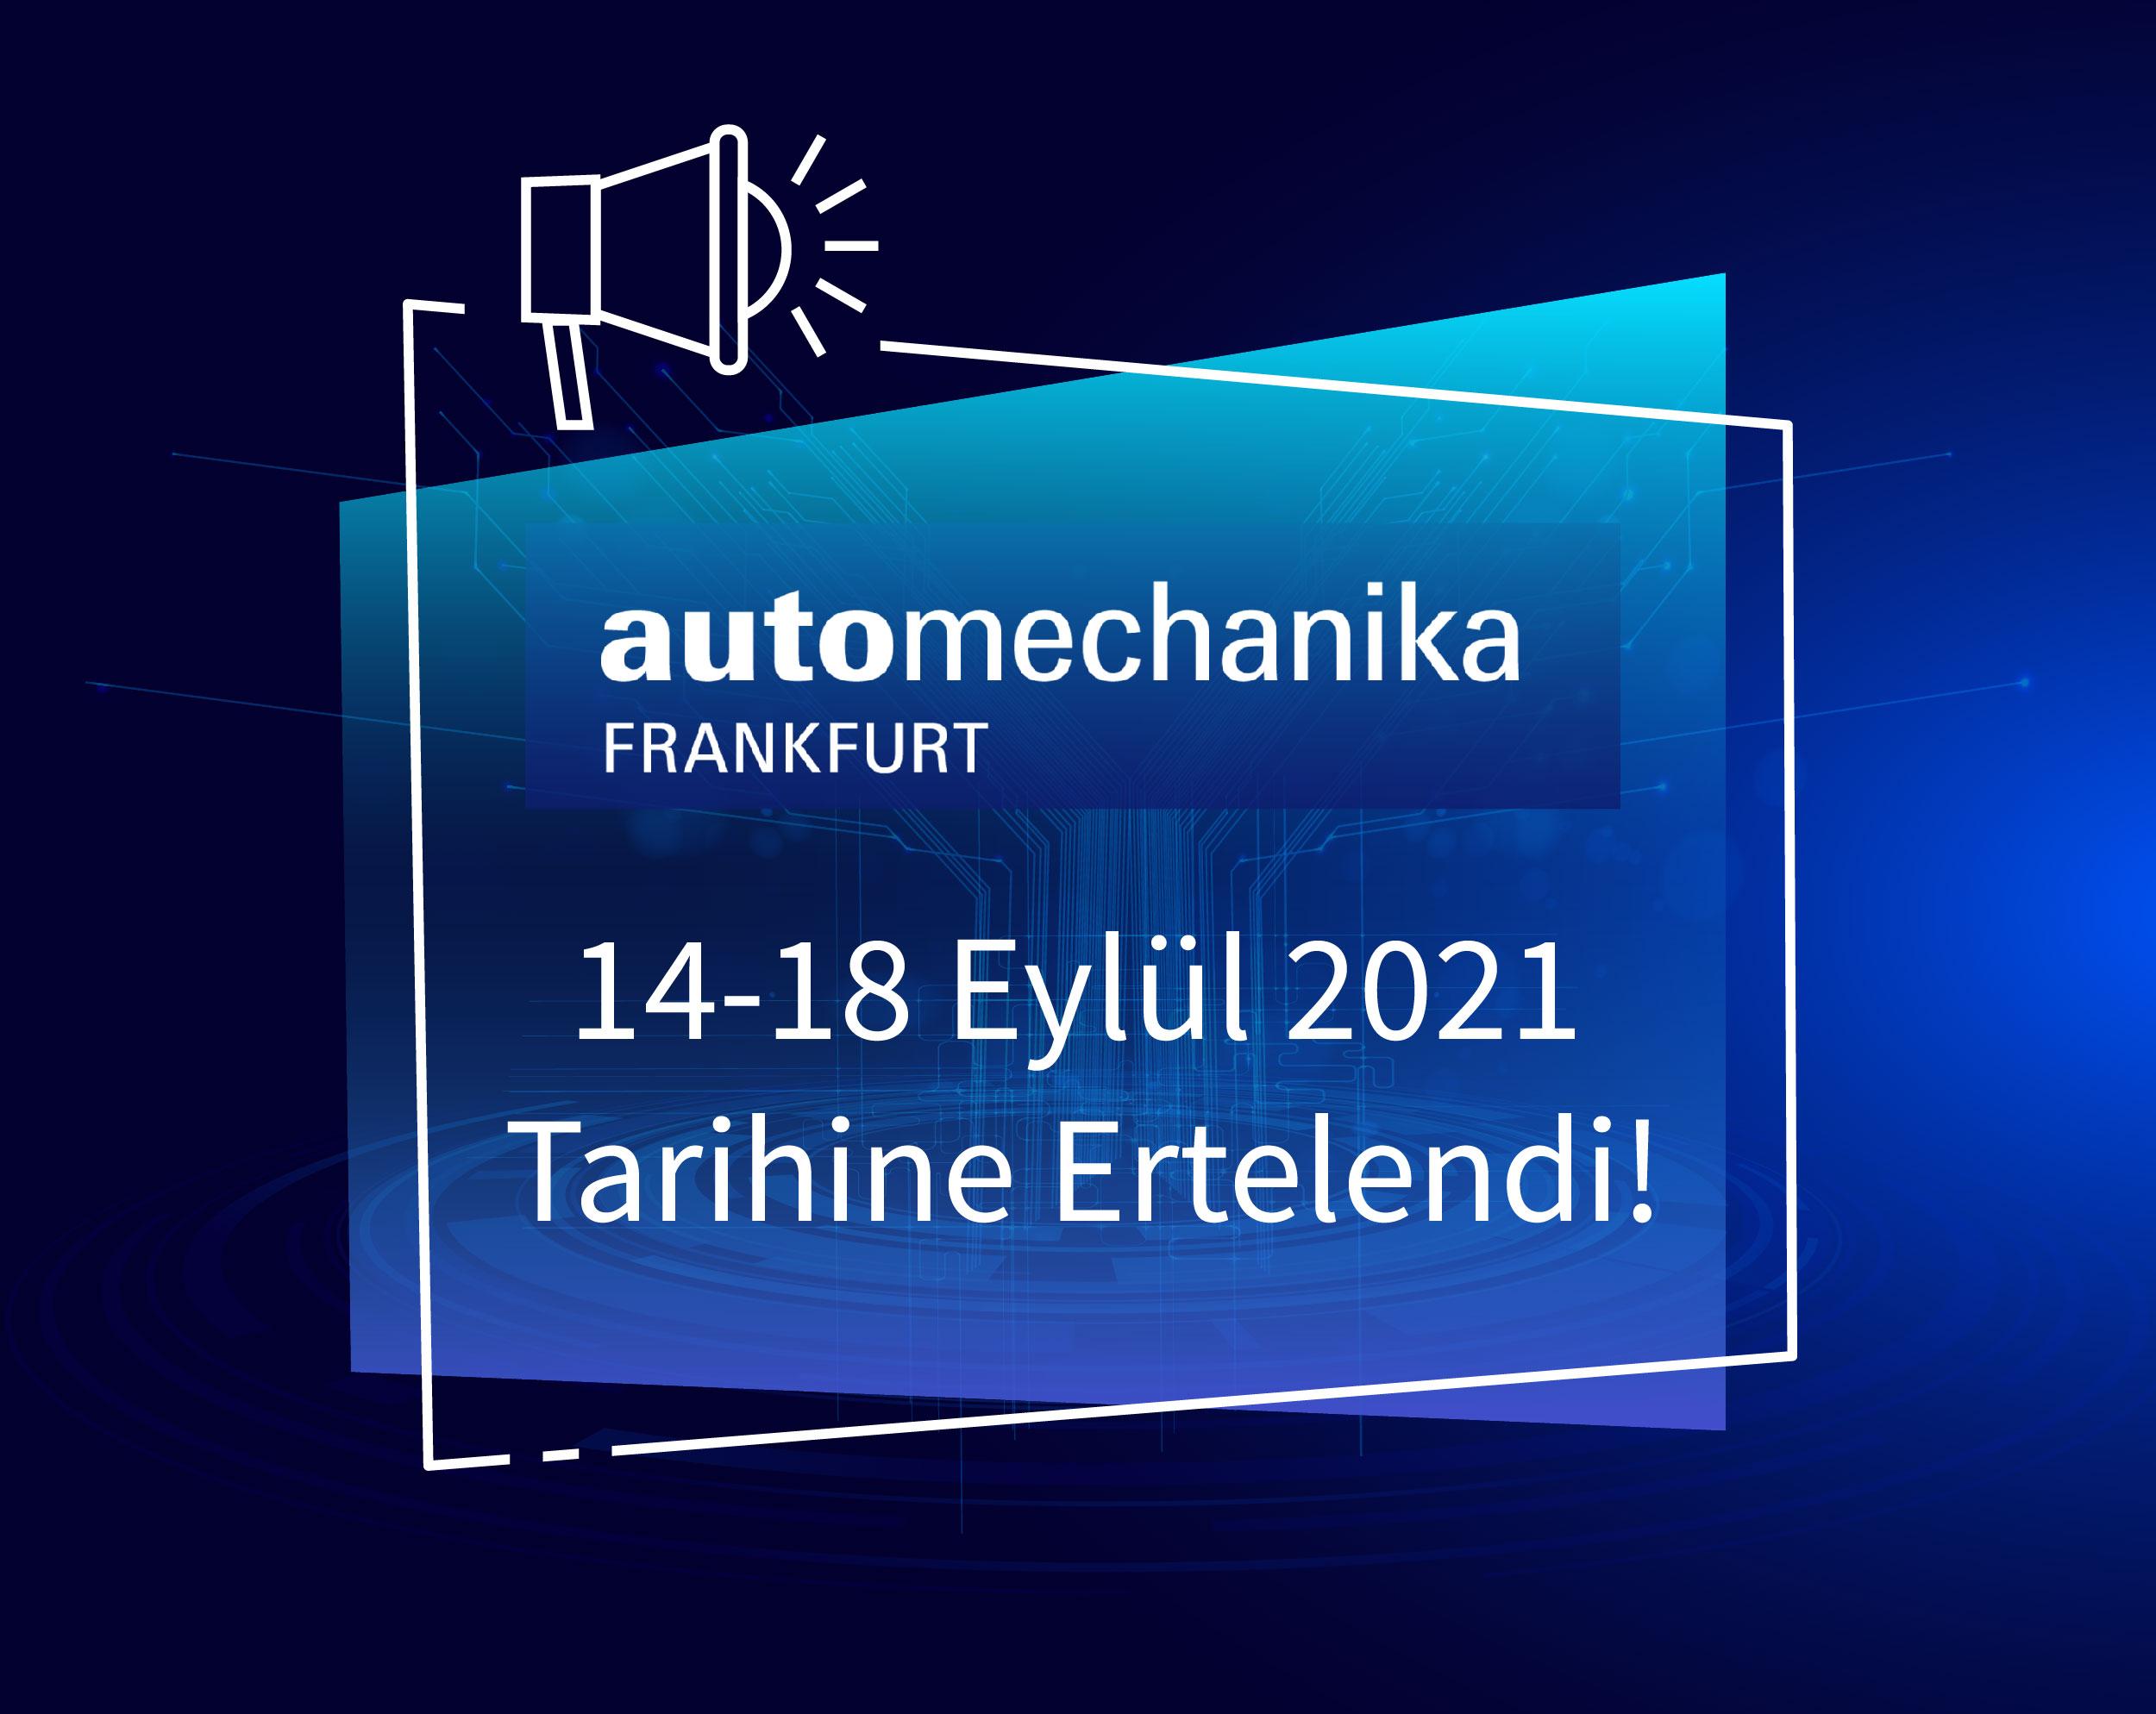 Automechanika Frankfurt 2020 Hakkında Bilgilendirme